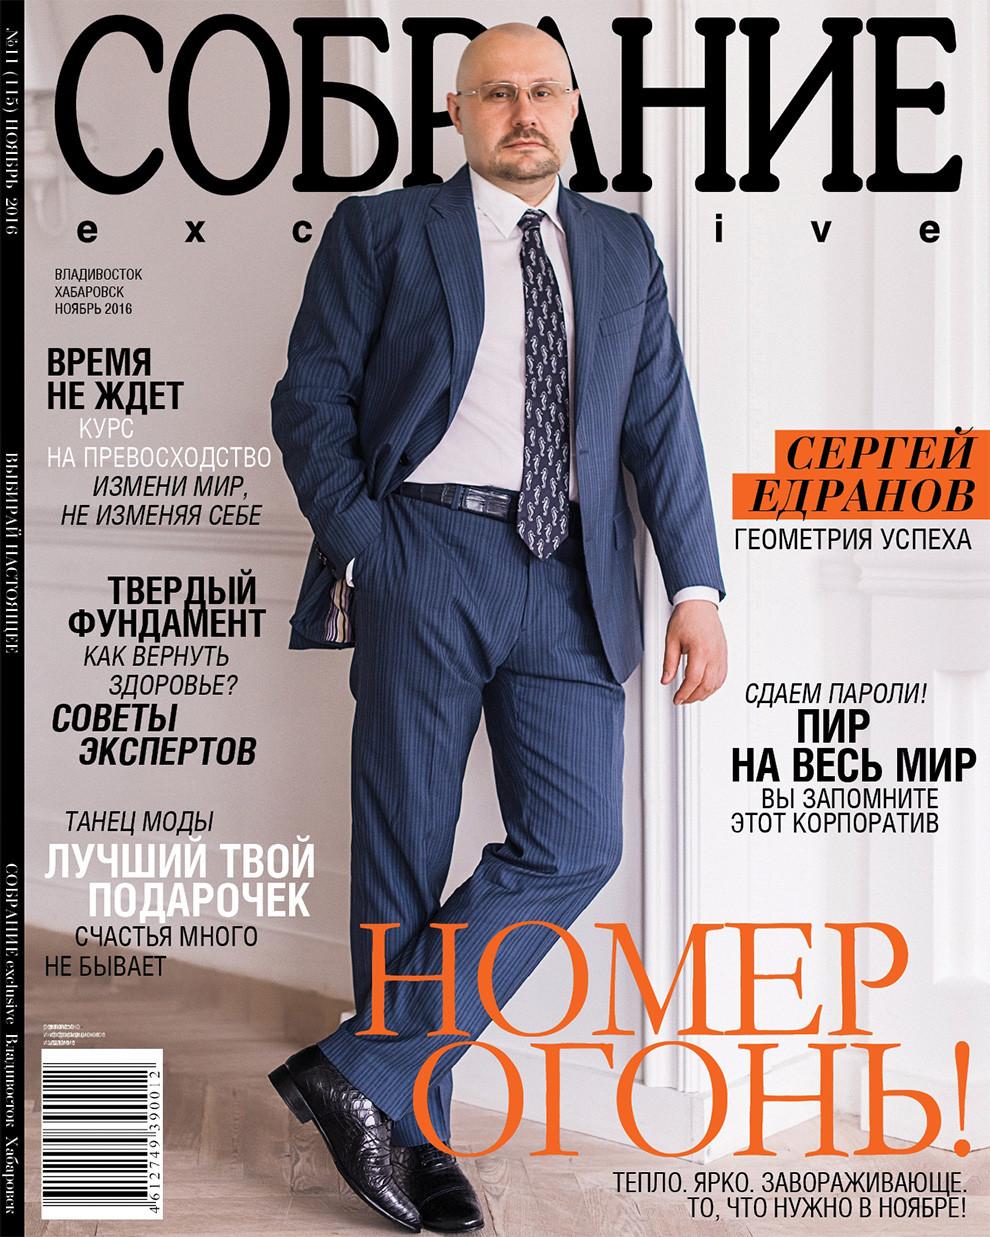 Сергей Едранов. Геометрия успеха.